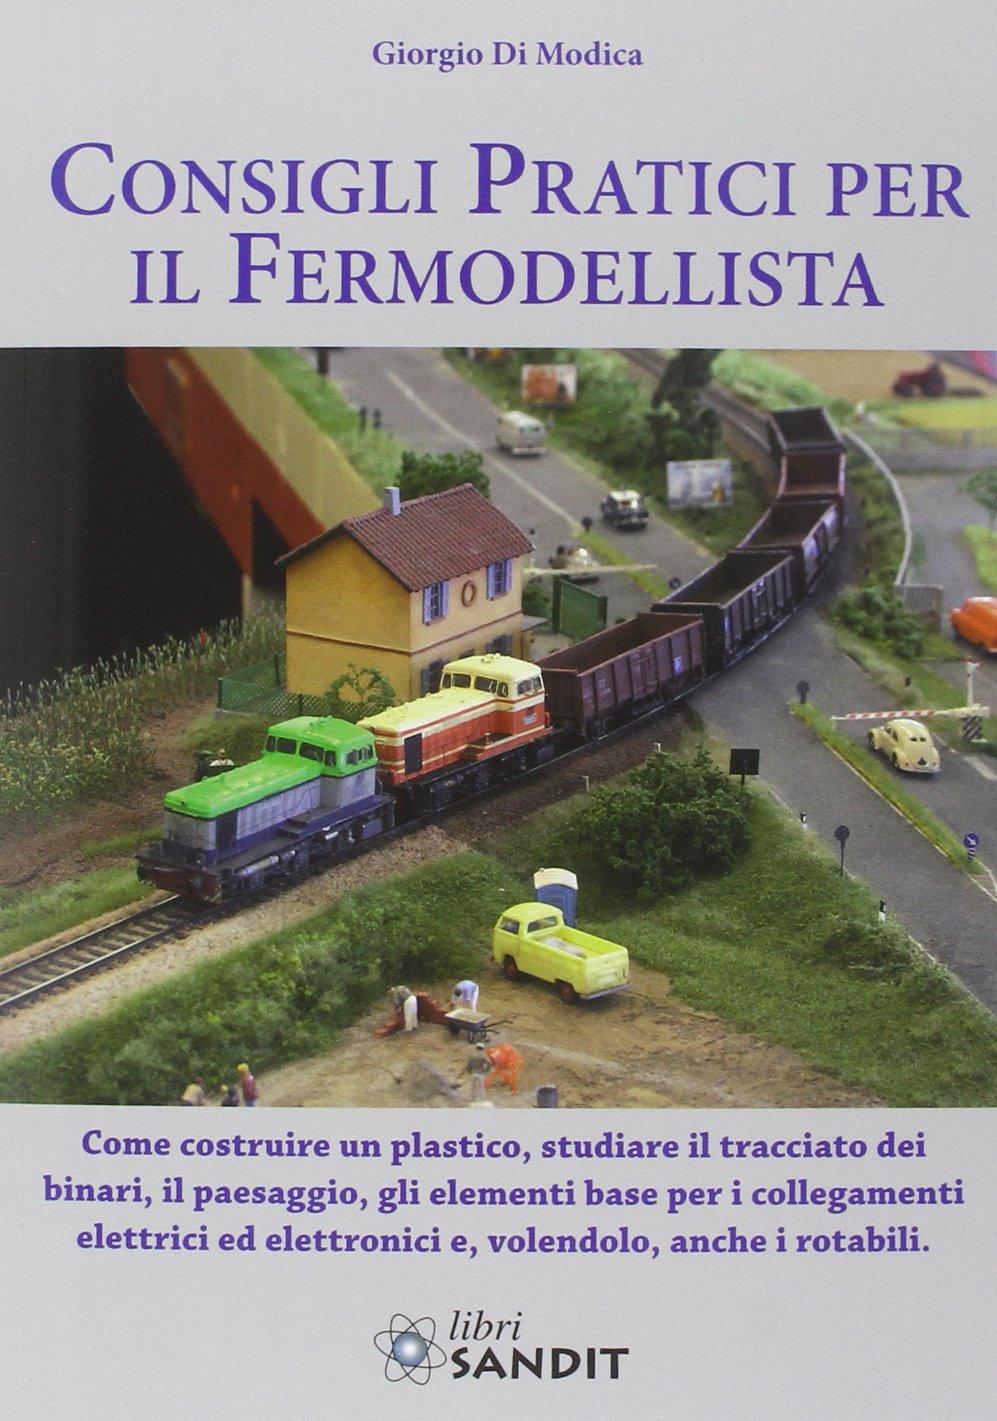 Schemi Elettrici Per Modellismo Ferroviario : Come costruire un plastico ferroviario in miniatura plastico